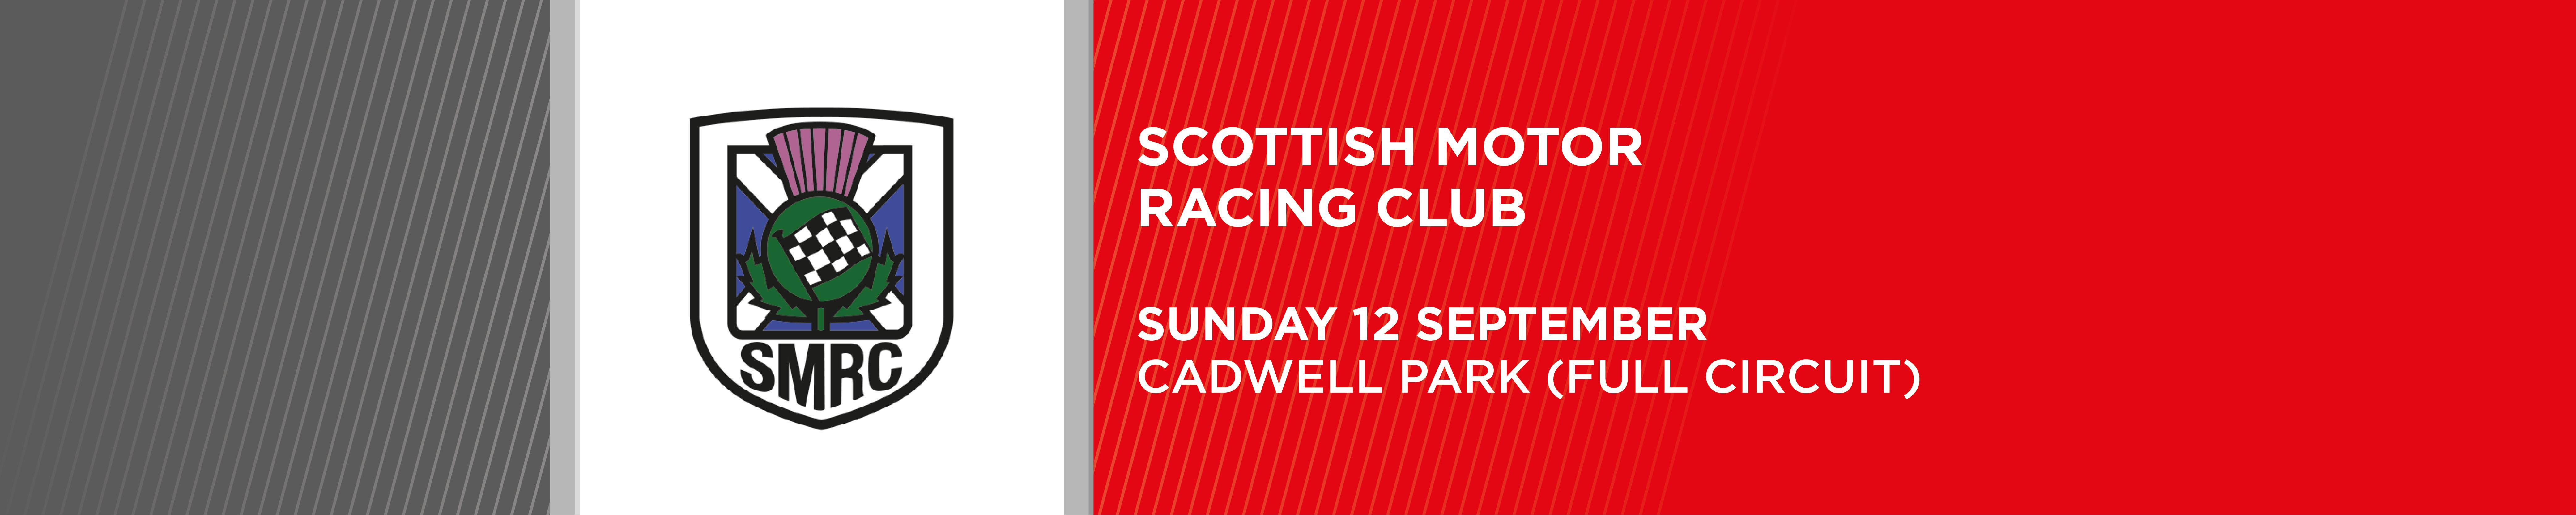 Scottish Motor Racing Club Championships